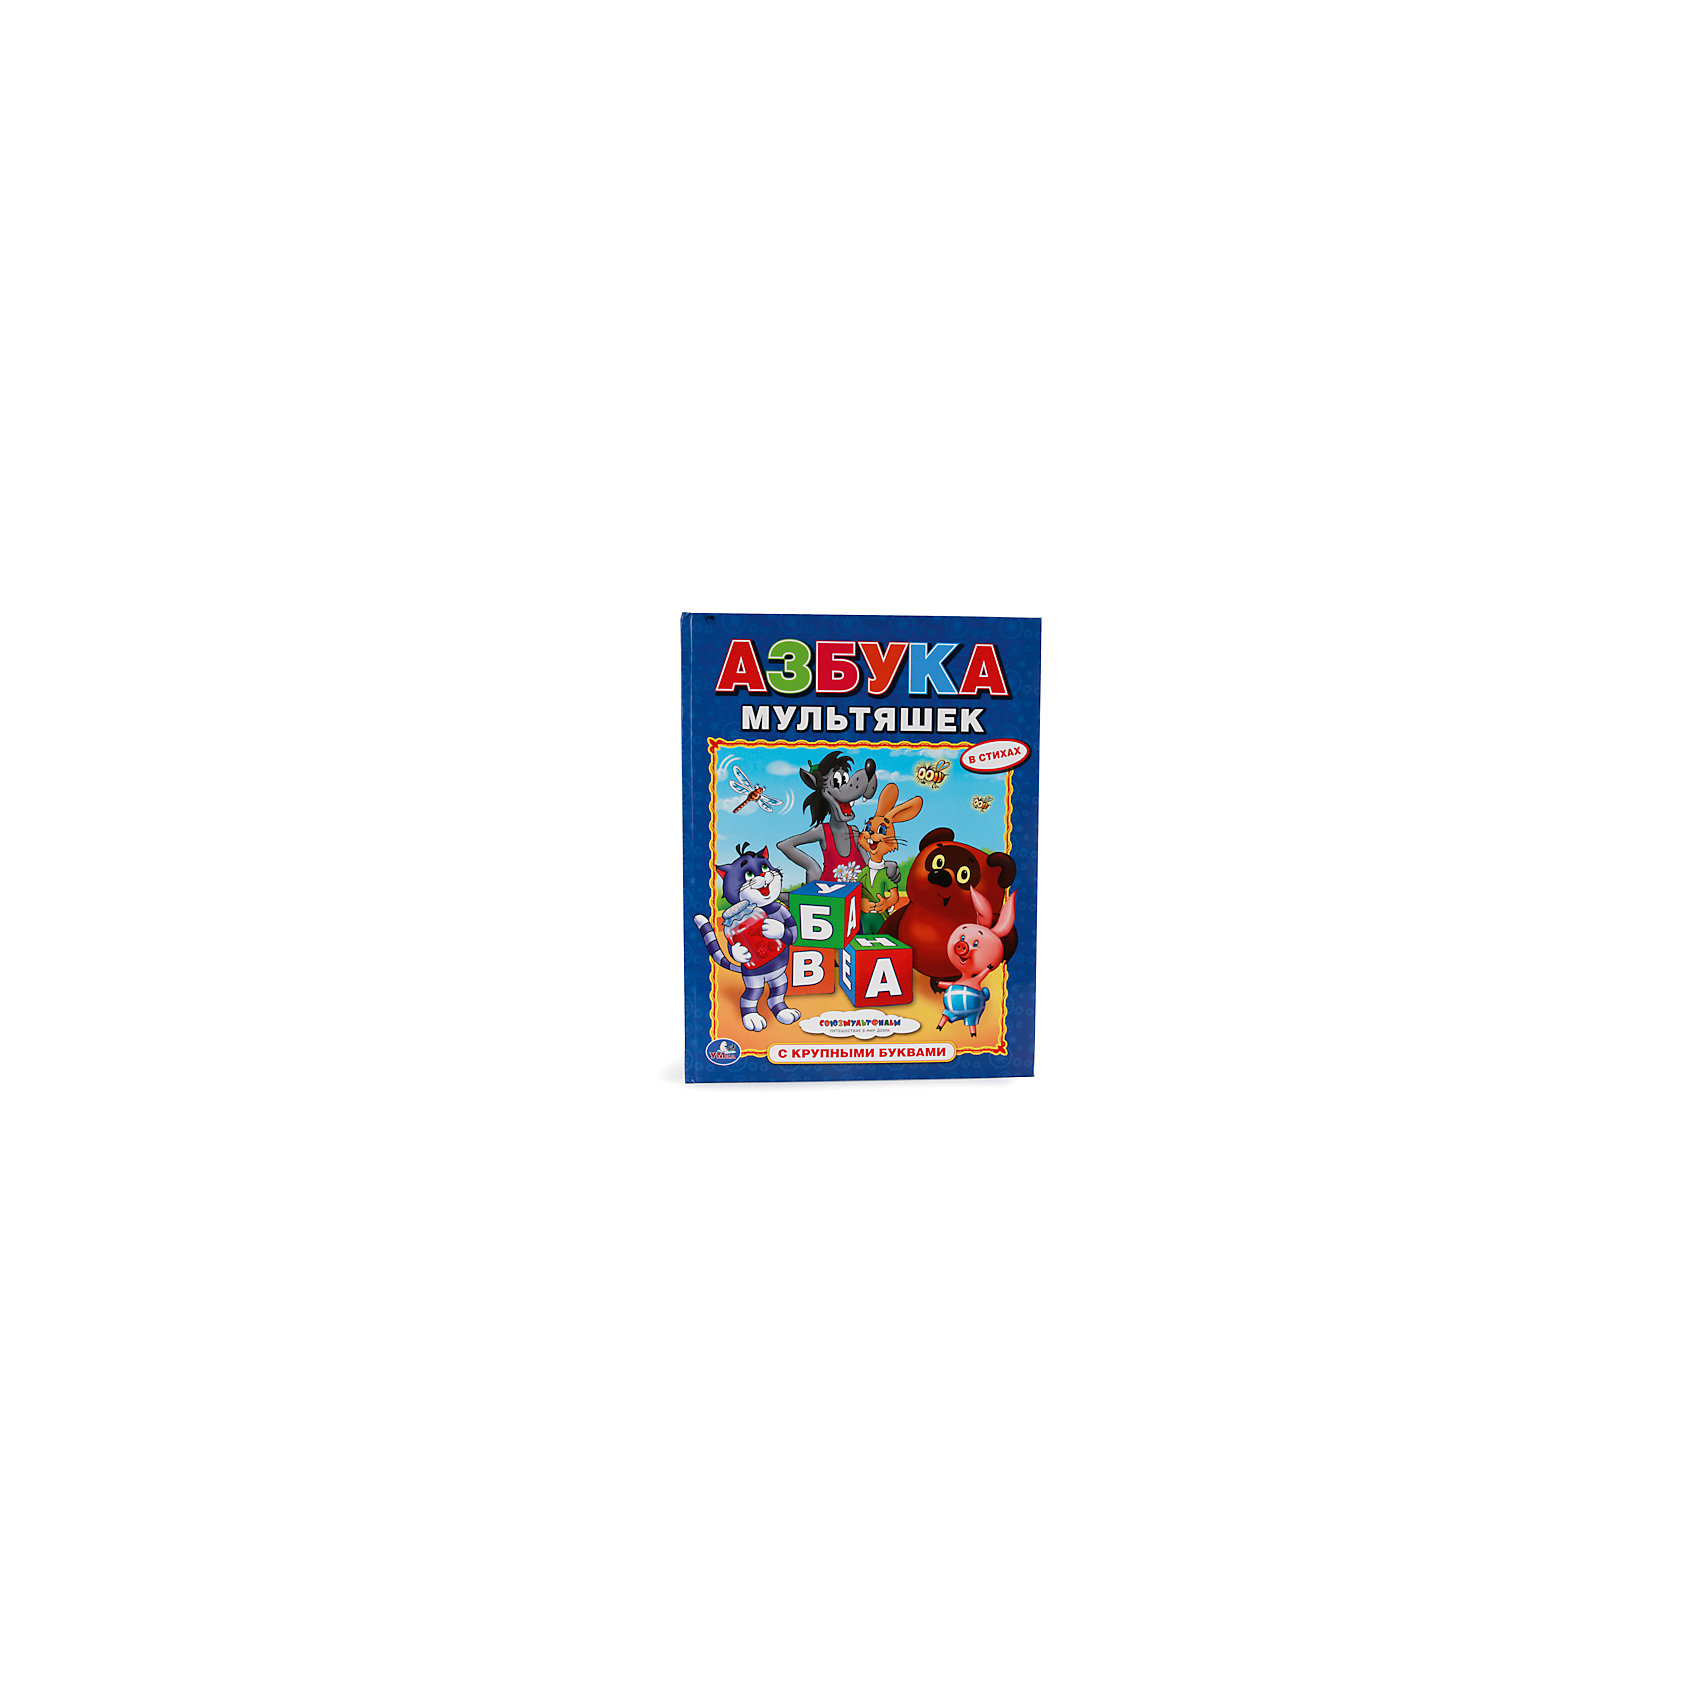 Умка Азбука с крупными буквами Азбука мультяшек наталья николаевна павлова азбука с крупными буквами ил а кардашука